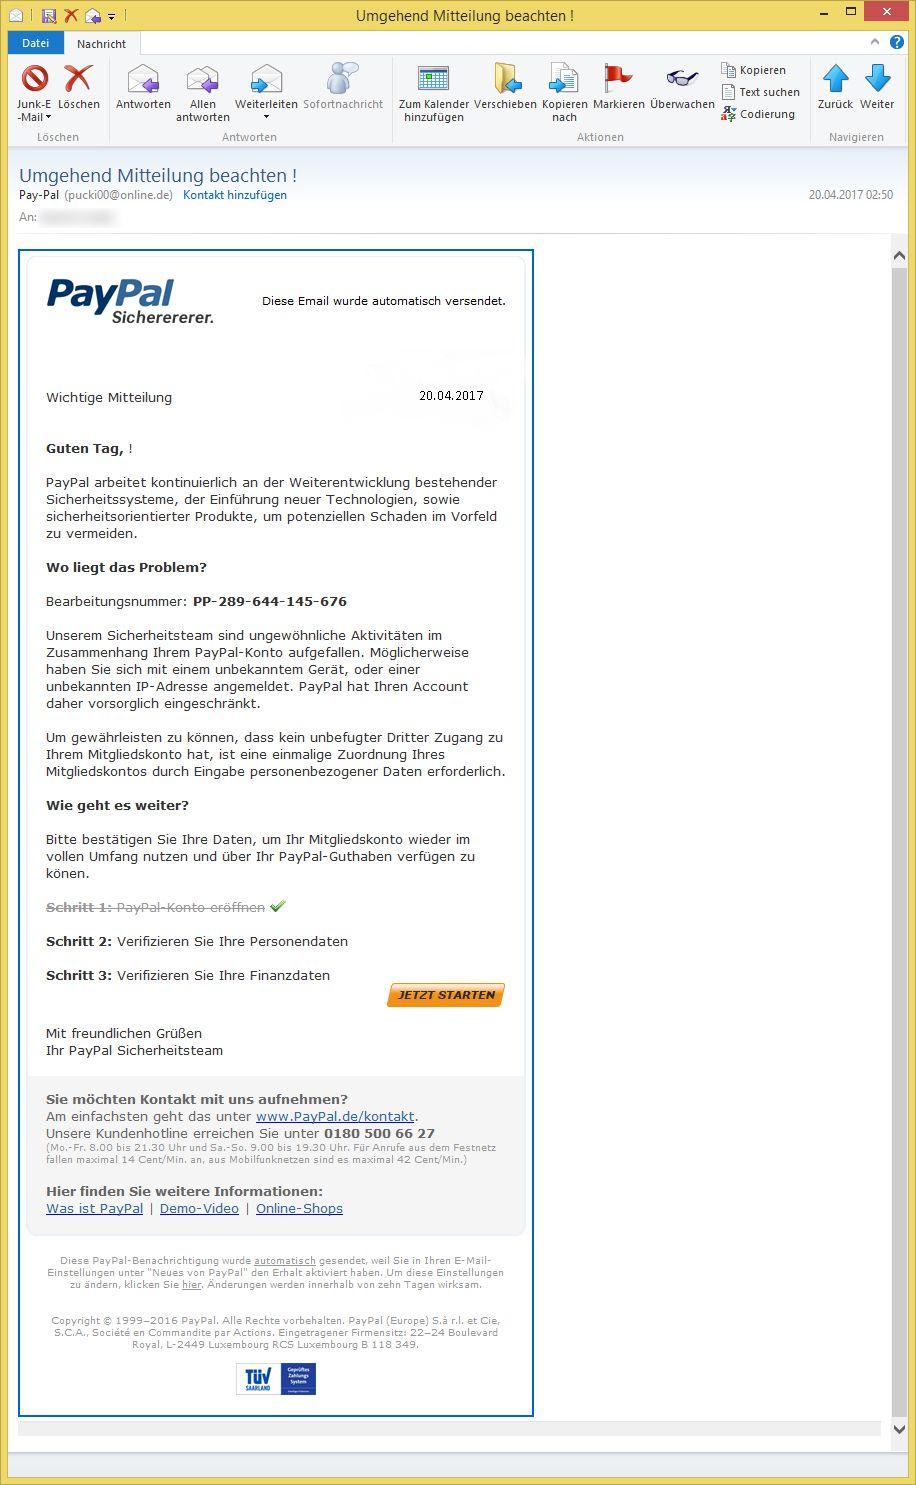 Paypal Sicherheitsteam